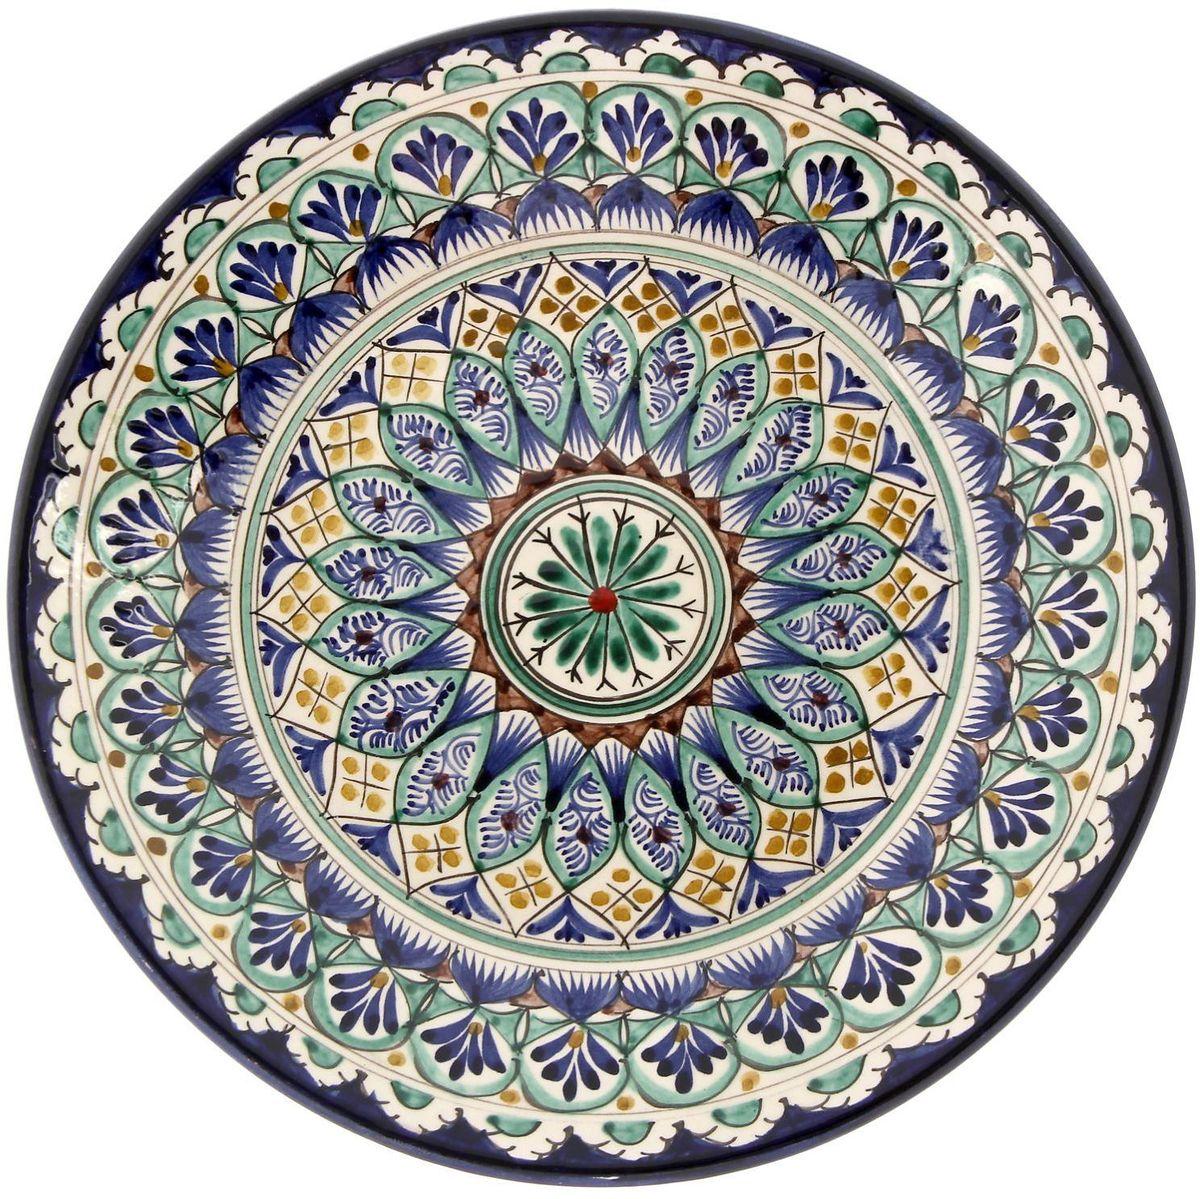 Тарелка Риштанская керамика, диаметр 25 см. 21580032158003Узбекская посуда известна всему миру уже более тысячи лет. Ей любовались царские особы, на ней подавали еду шейхам и знатным персонам. Формула глазури передаётся из поколения в поколение. По сей день качественные изделия продолжают восхищать своей идеальной формой.Данный предмет подойдёт для повседневной и праздничной сервировки. Дополните стол текстилем и салфетками в тон, чтобы получить элегантное убранство с яркими акцентами.